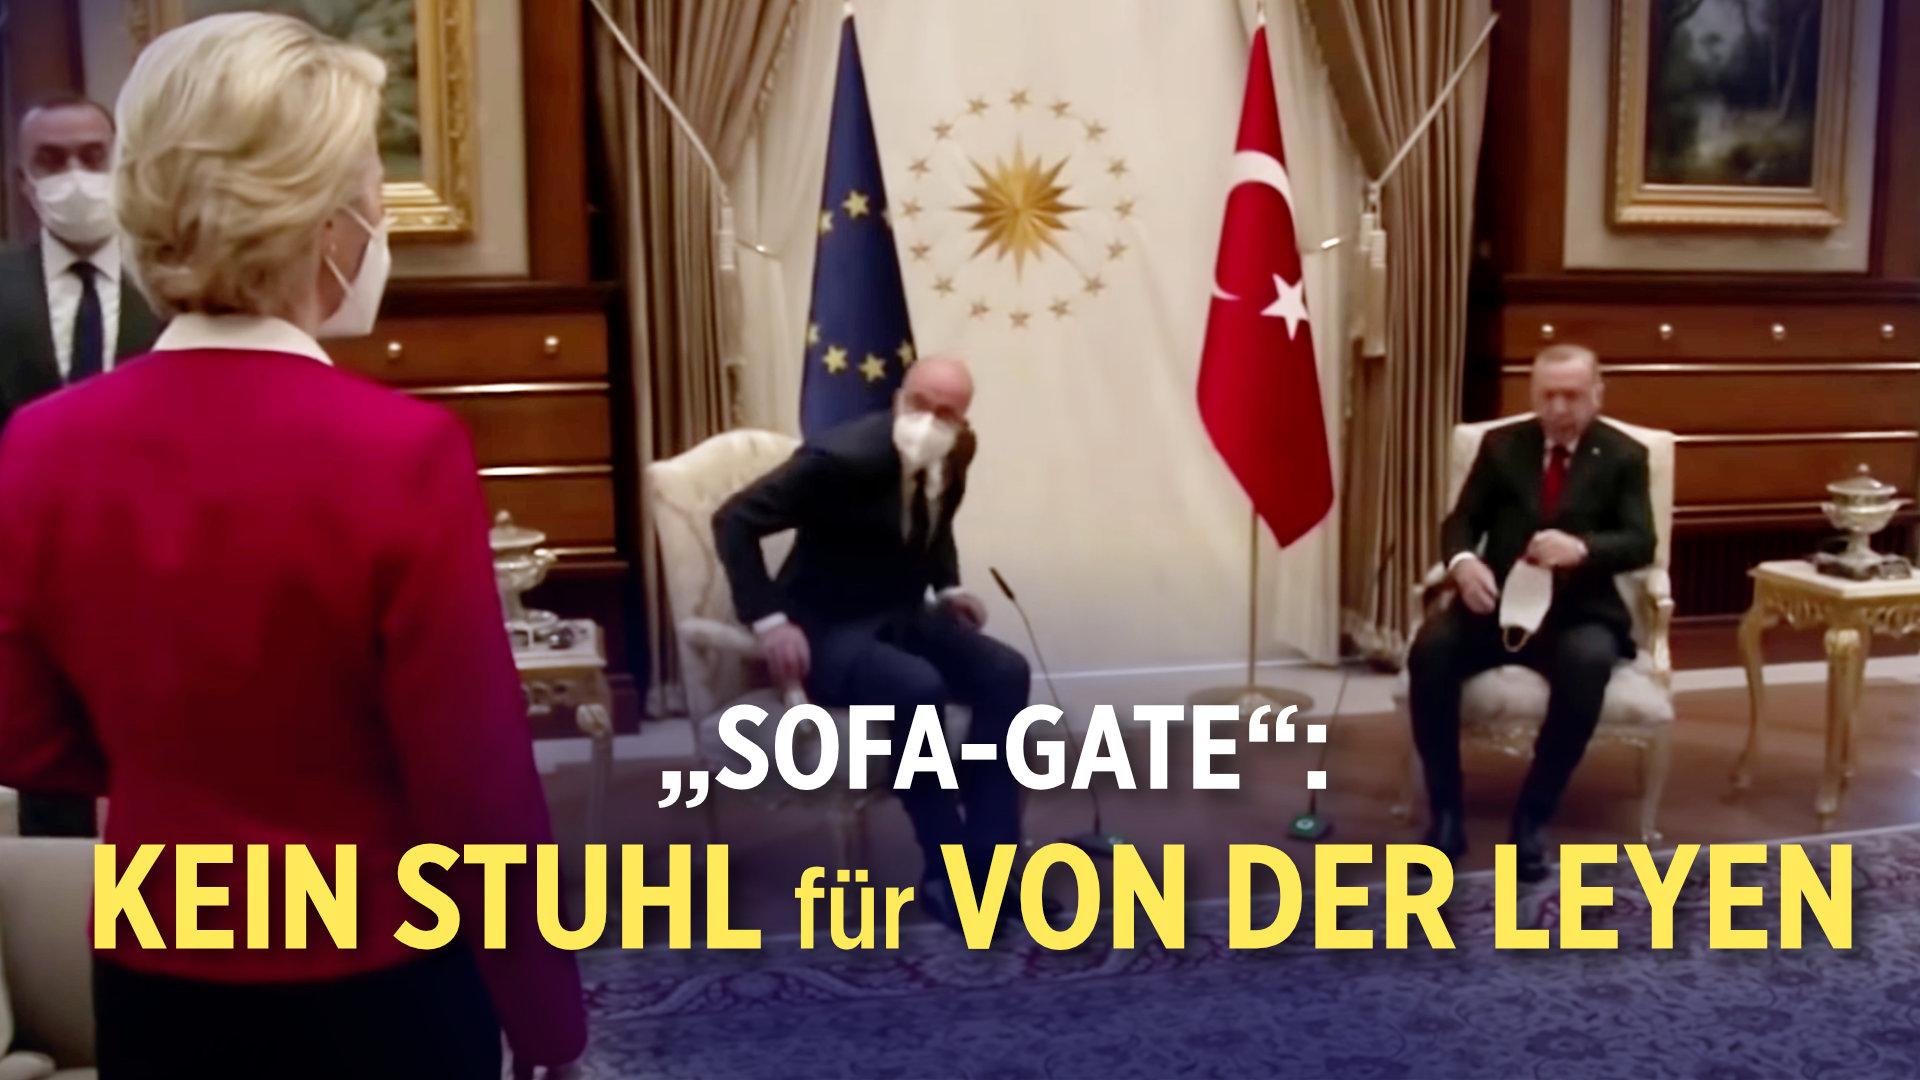 Ursula von der Leyen in der Türkei gedemütigt? | UK: Sorge vor gefälschten Impfpässen